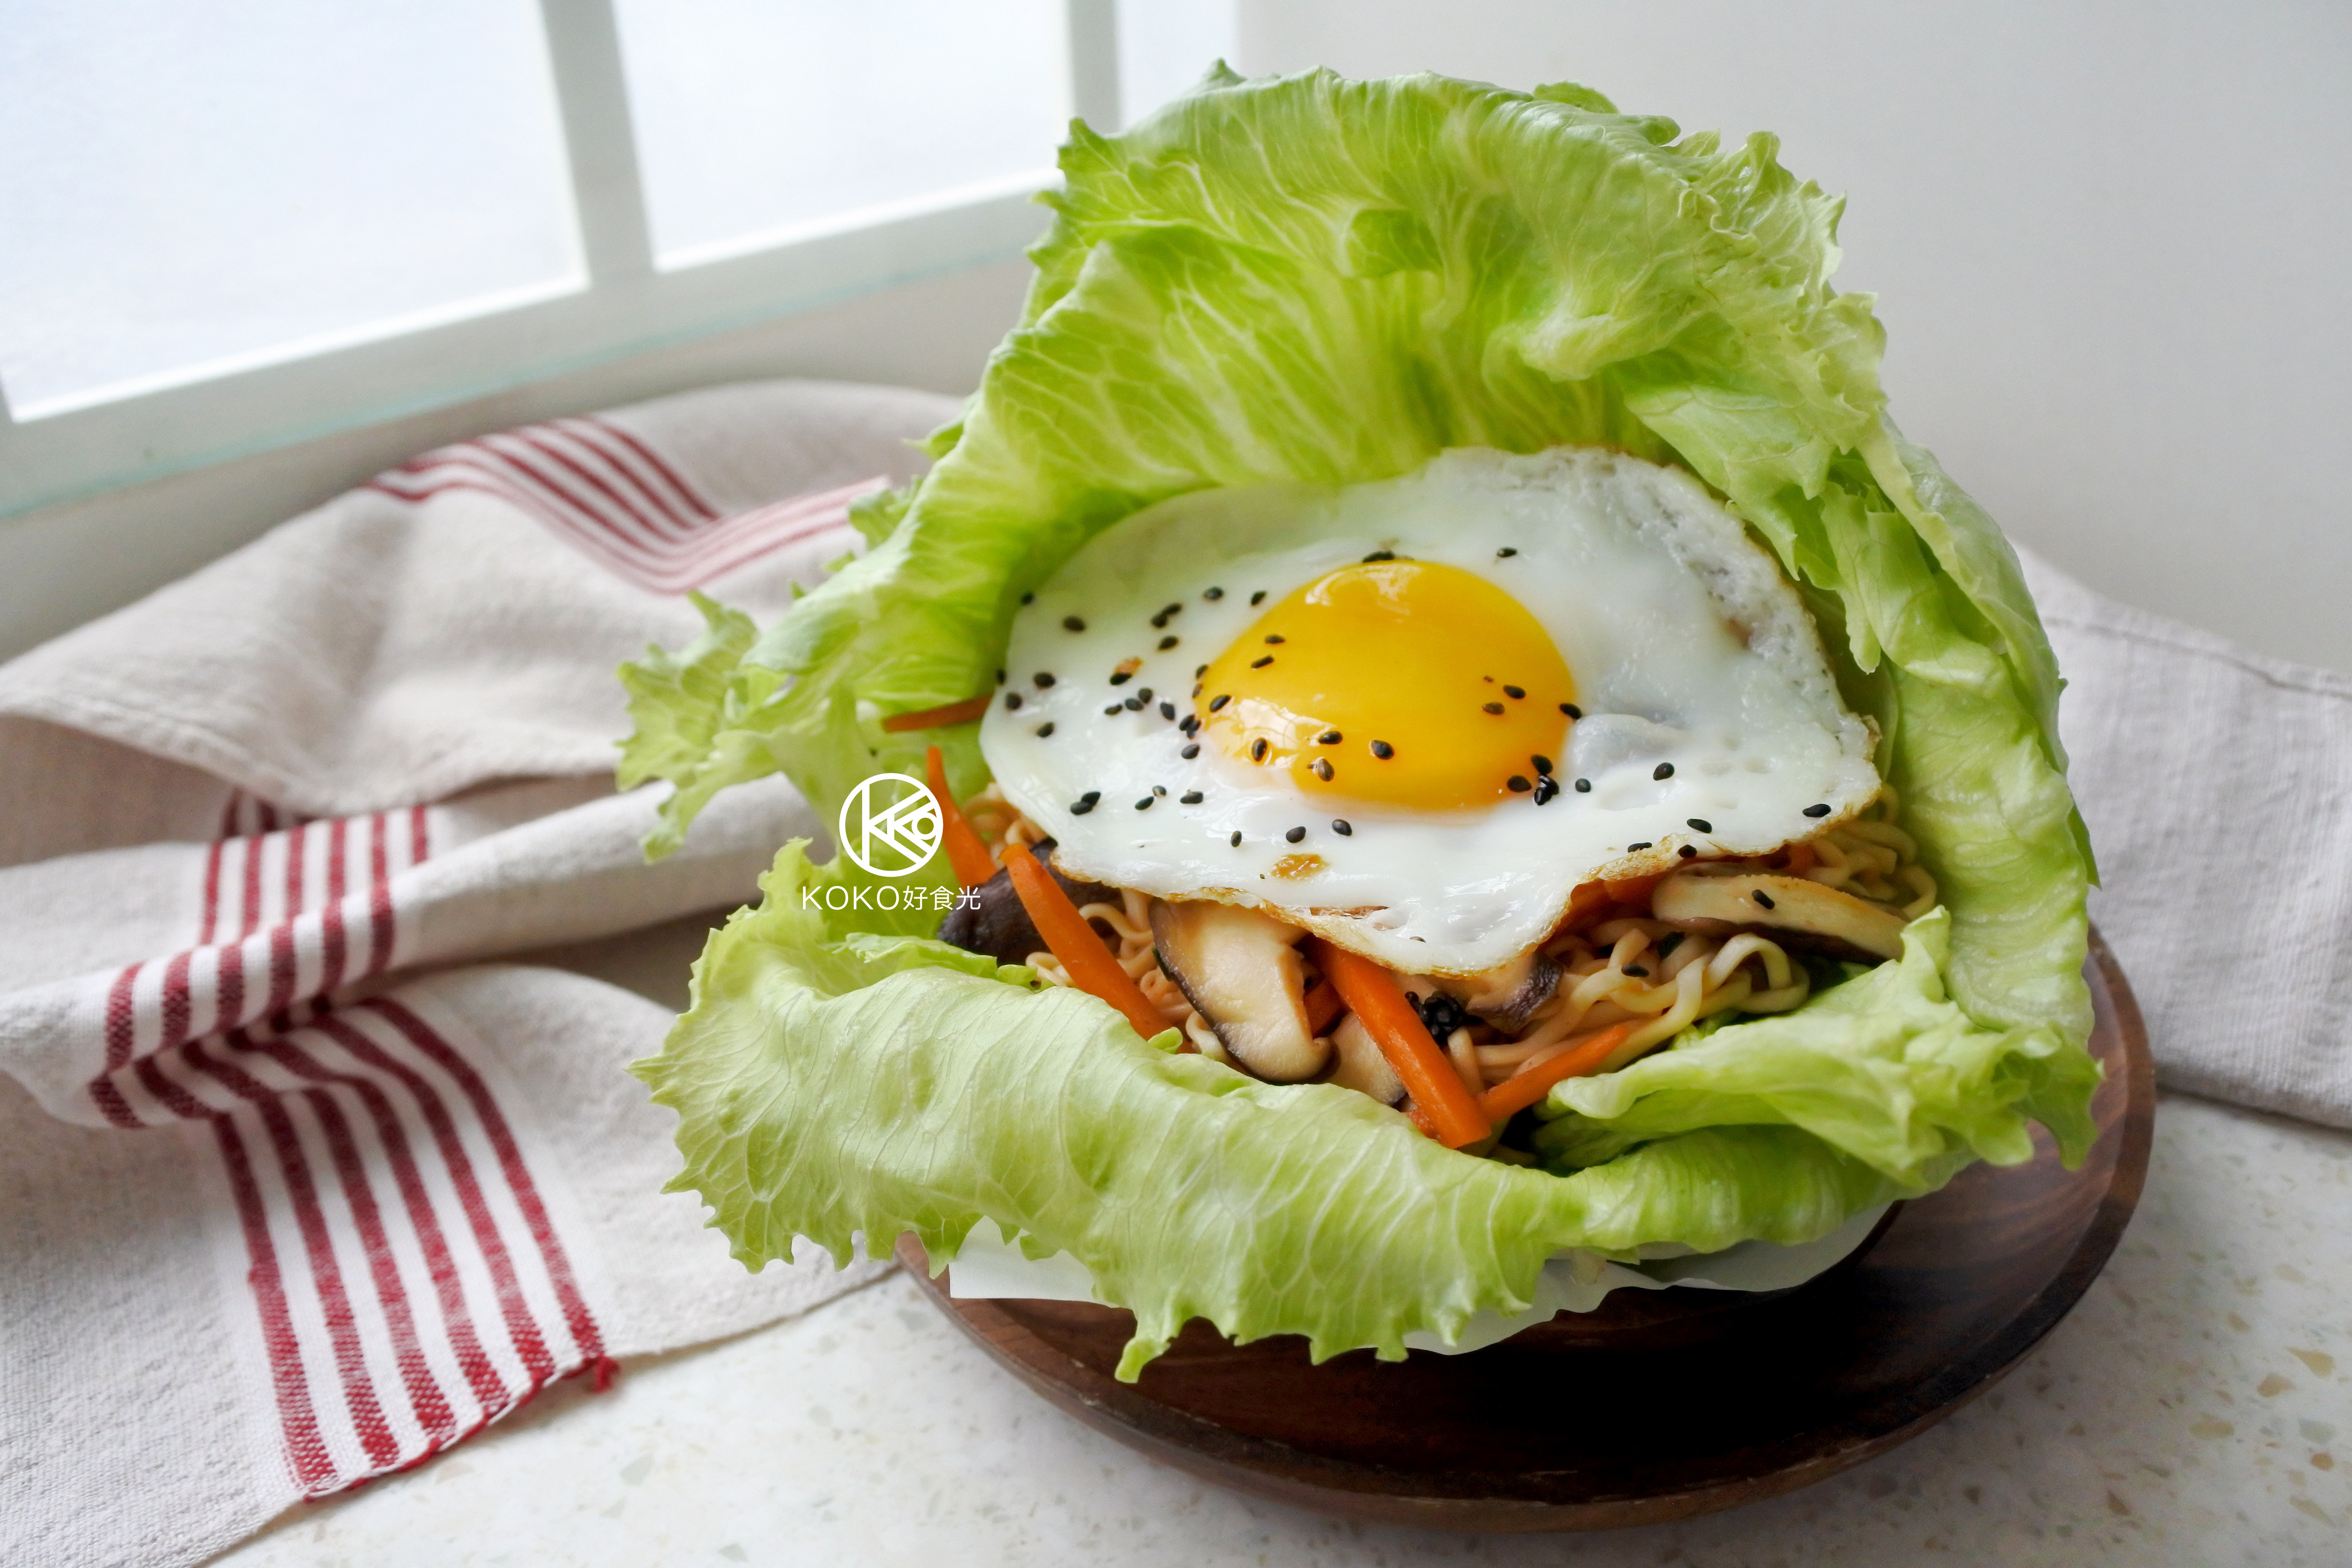 炒泡麵生菜漢堡(統一麵肉燥風味)